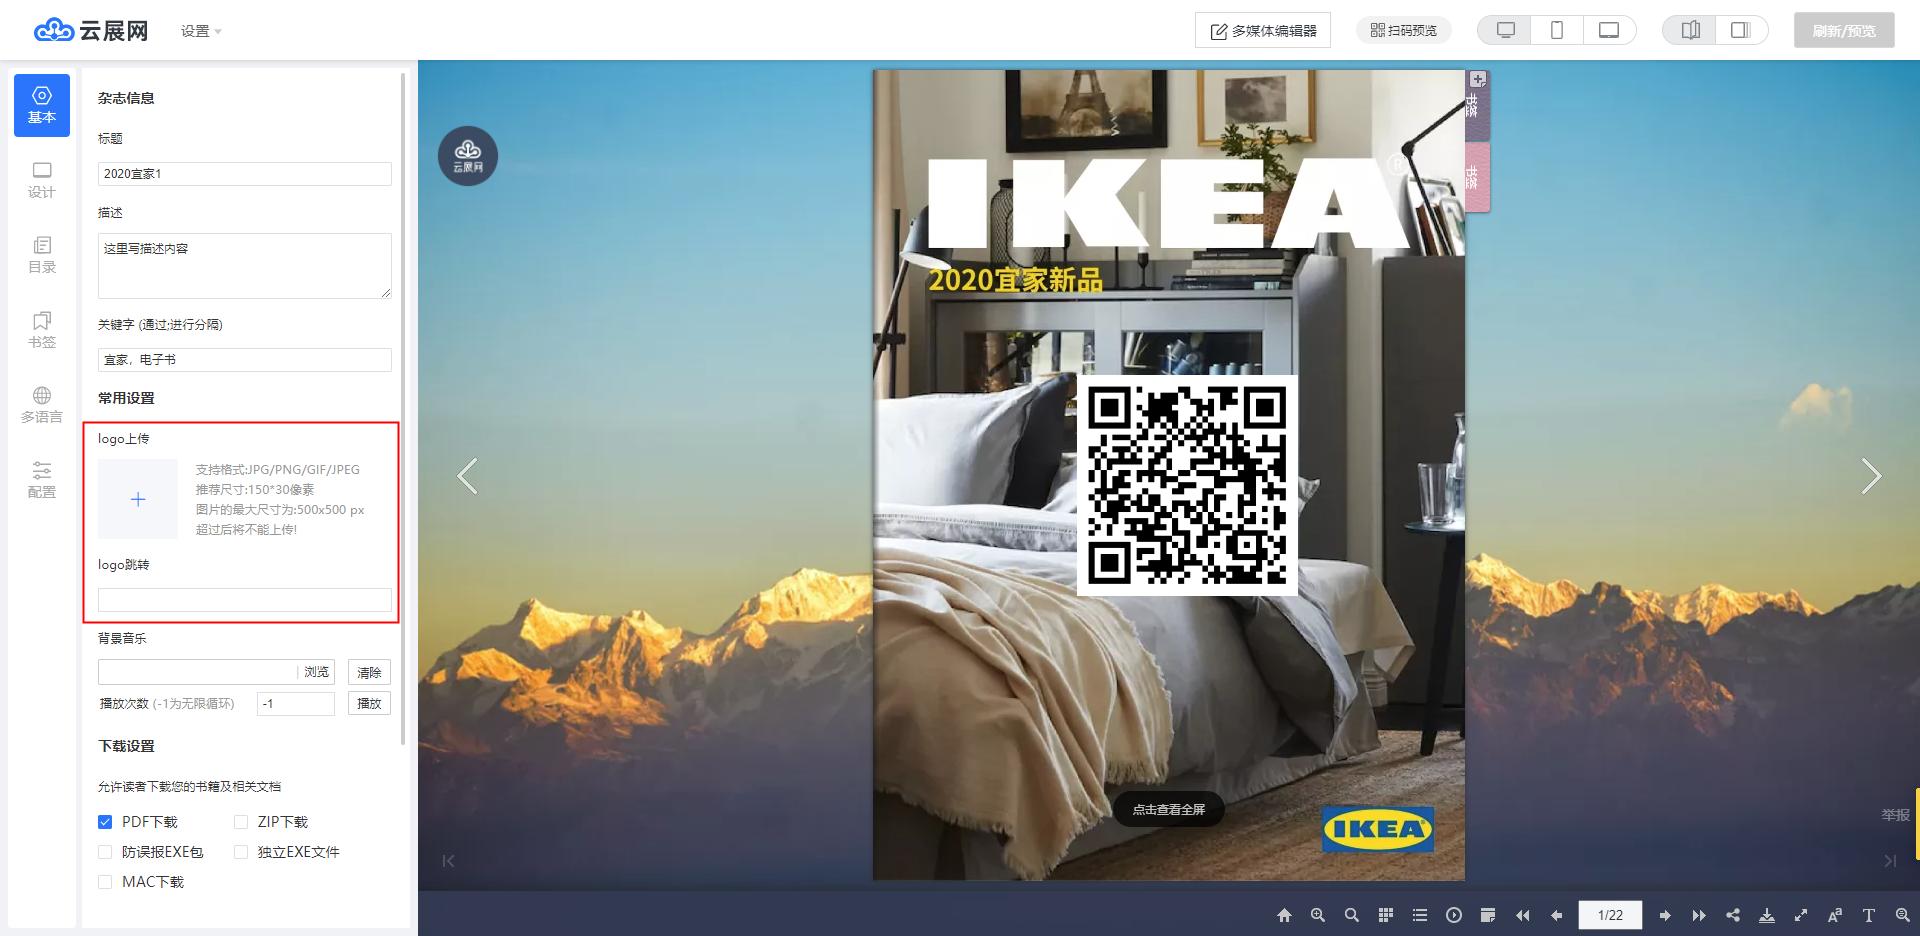 更改logo和设置点击logo时的转跳链接